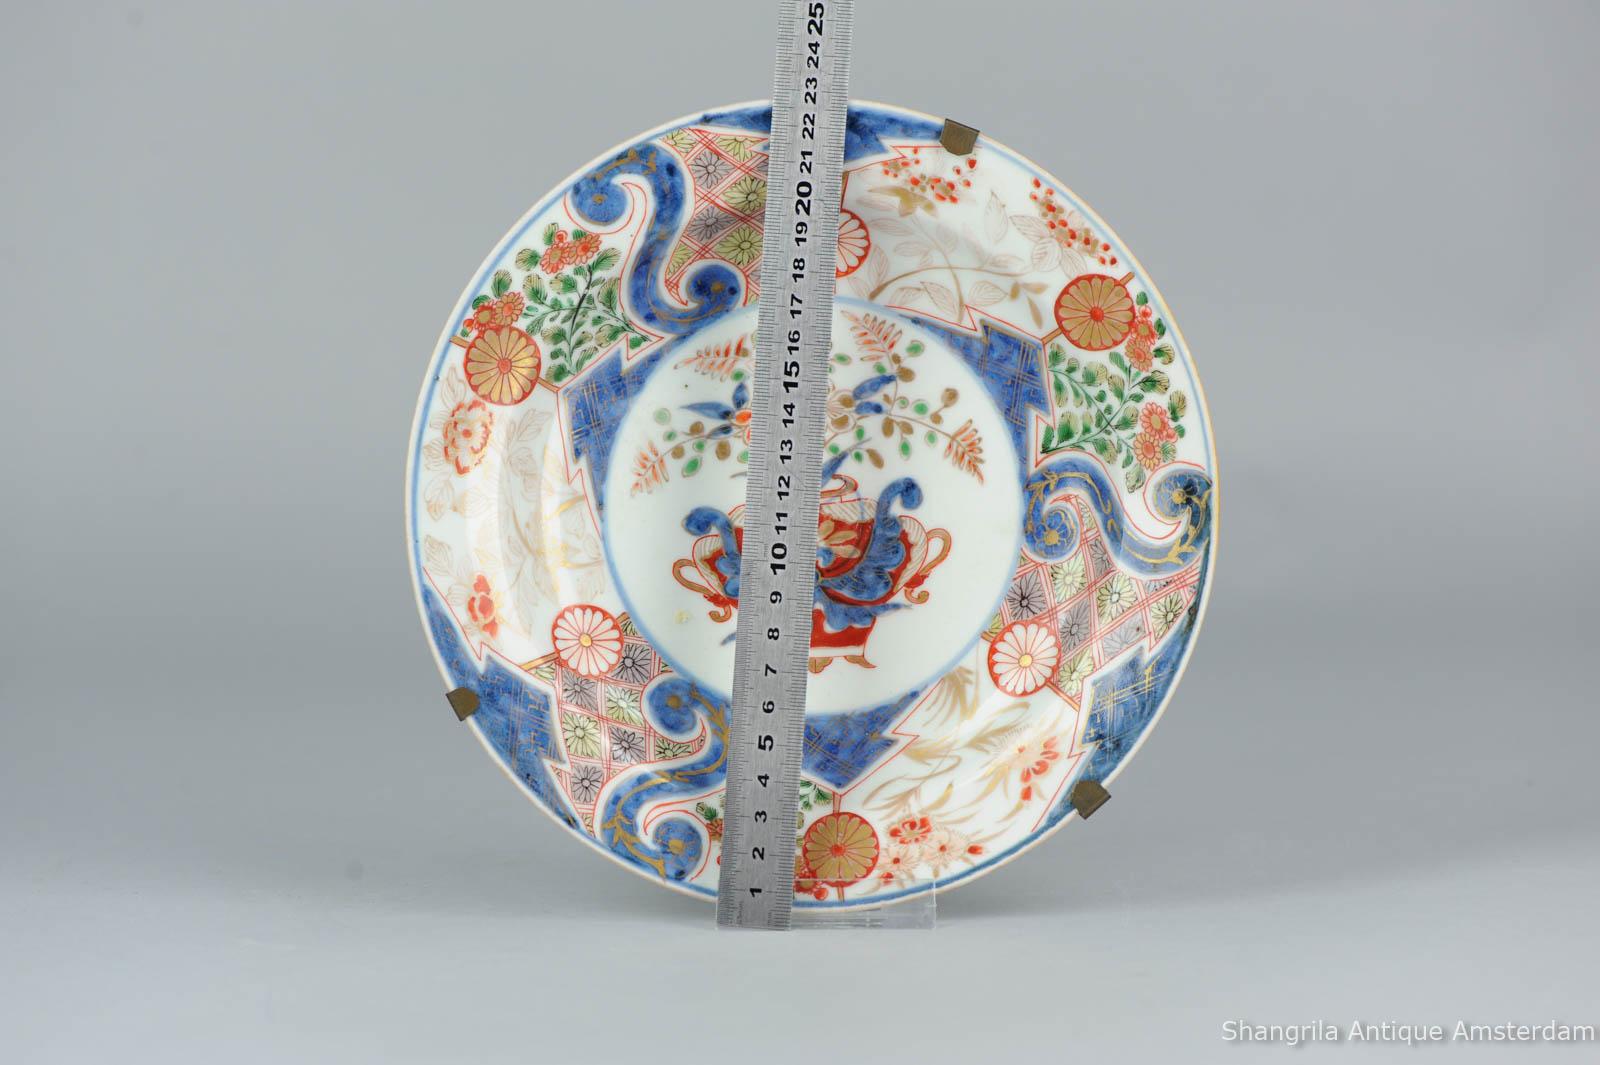 Rare Antique 18th Arita Imari Porcelain Plate Japan